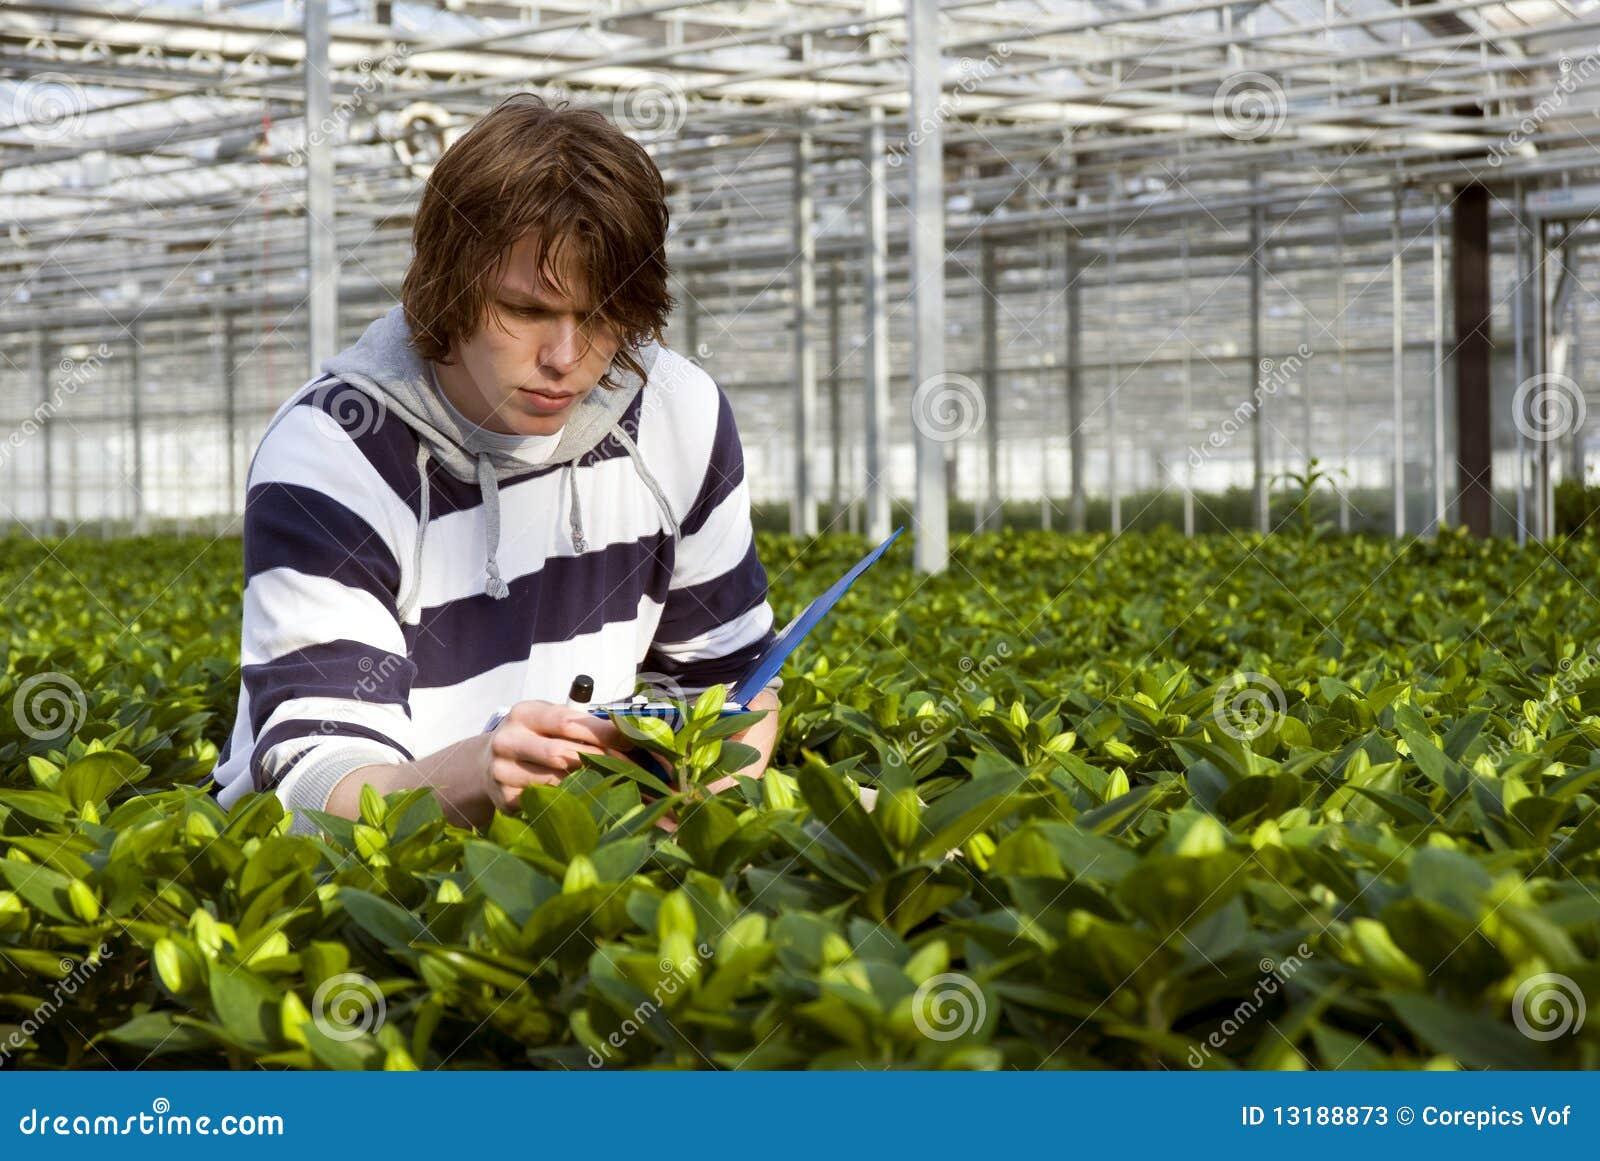 Έλεγχος των φυτών